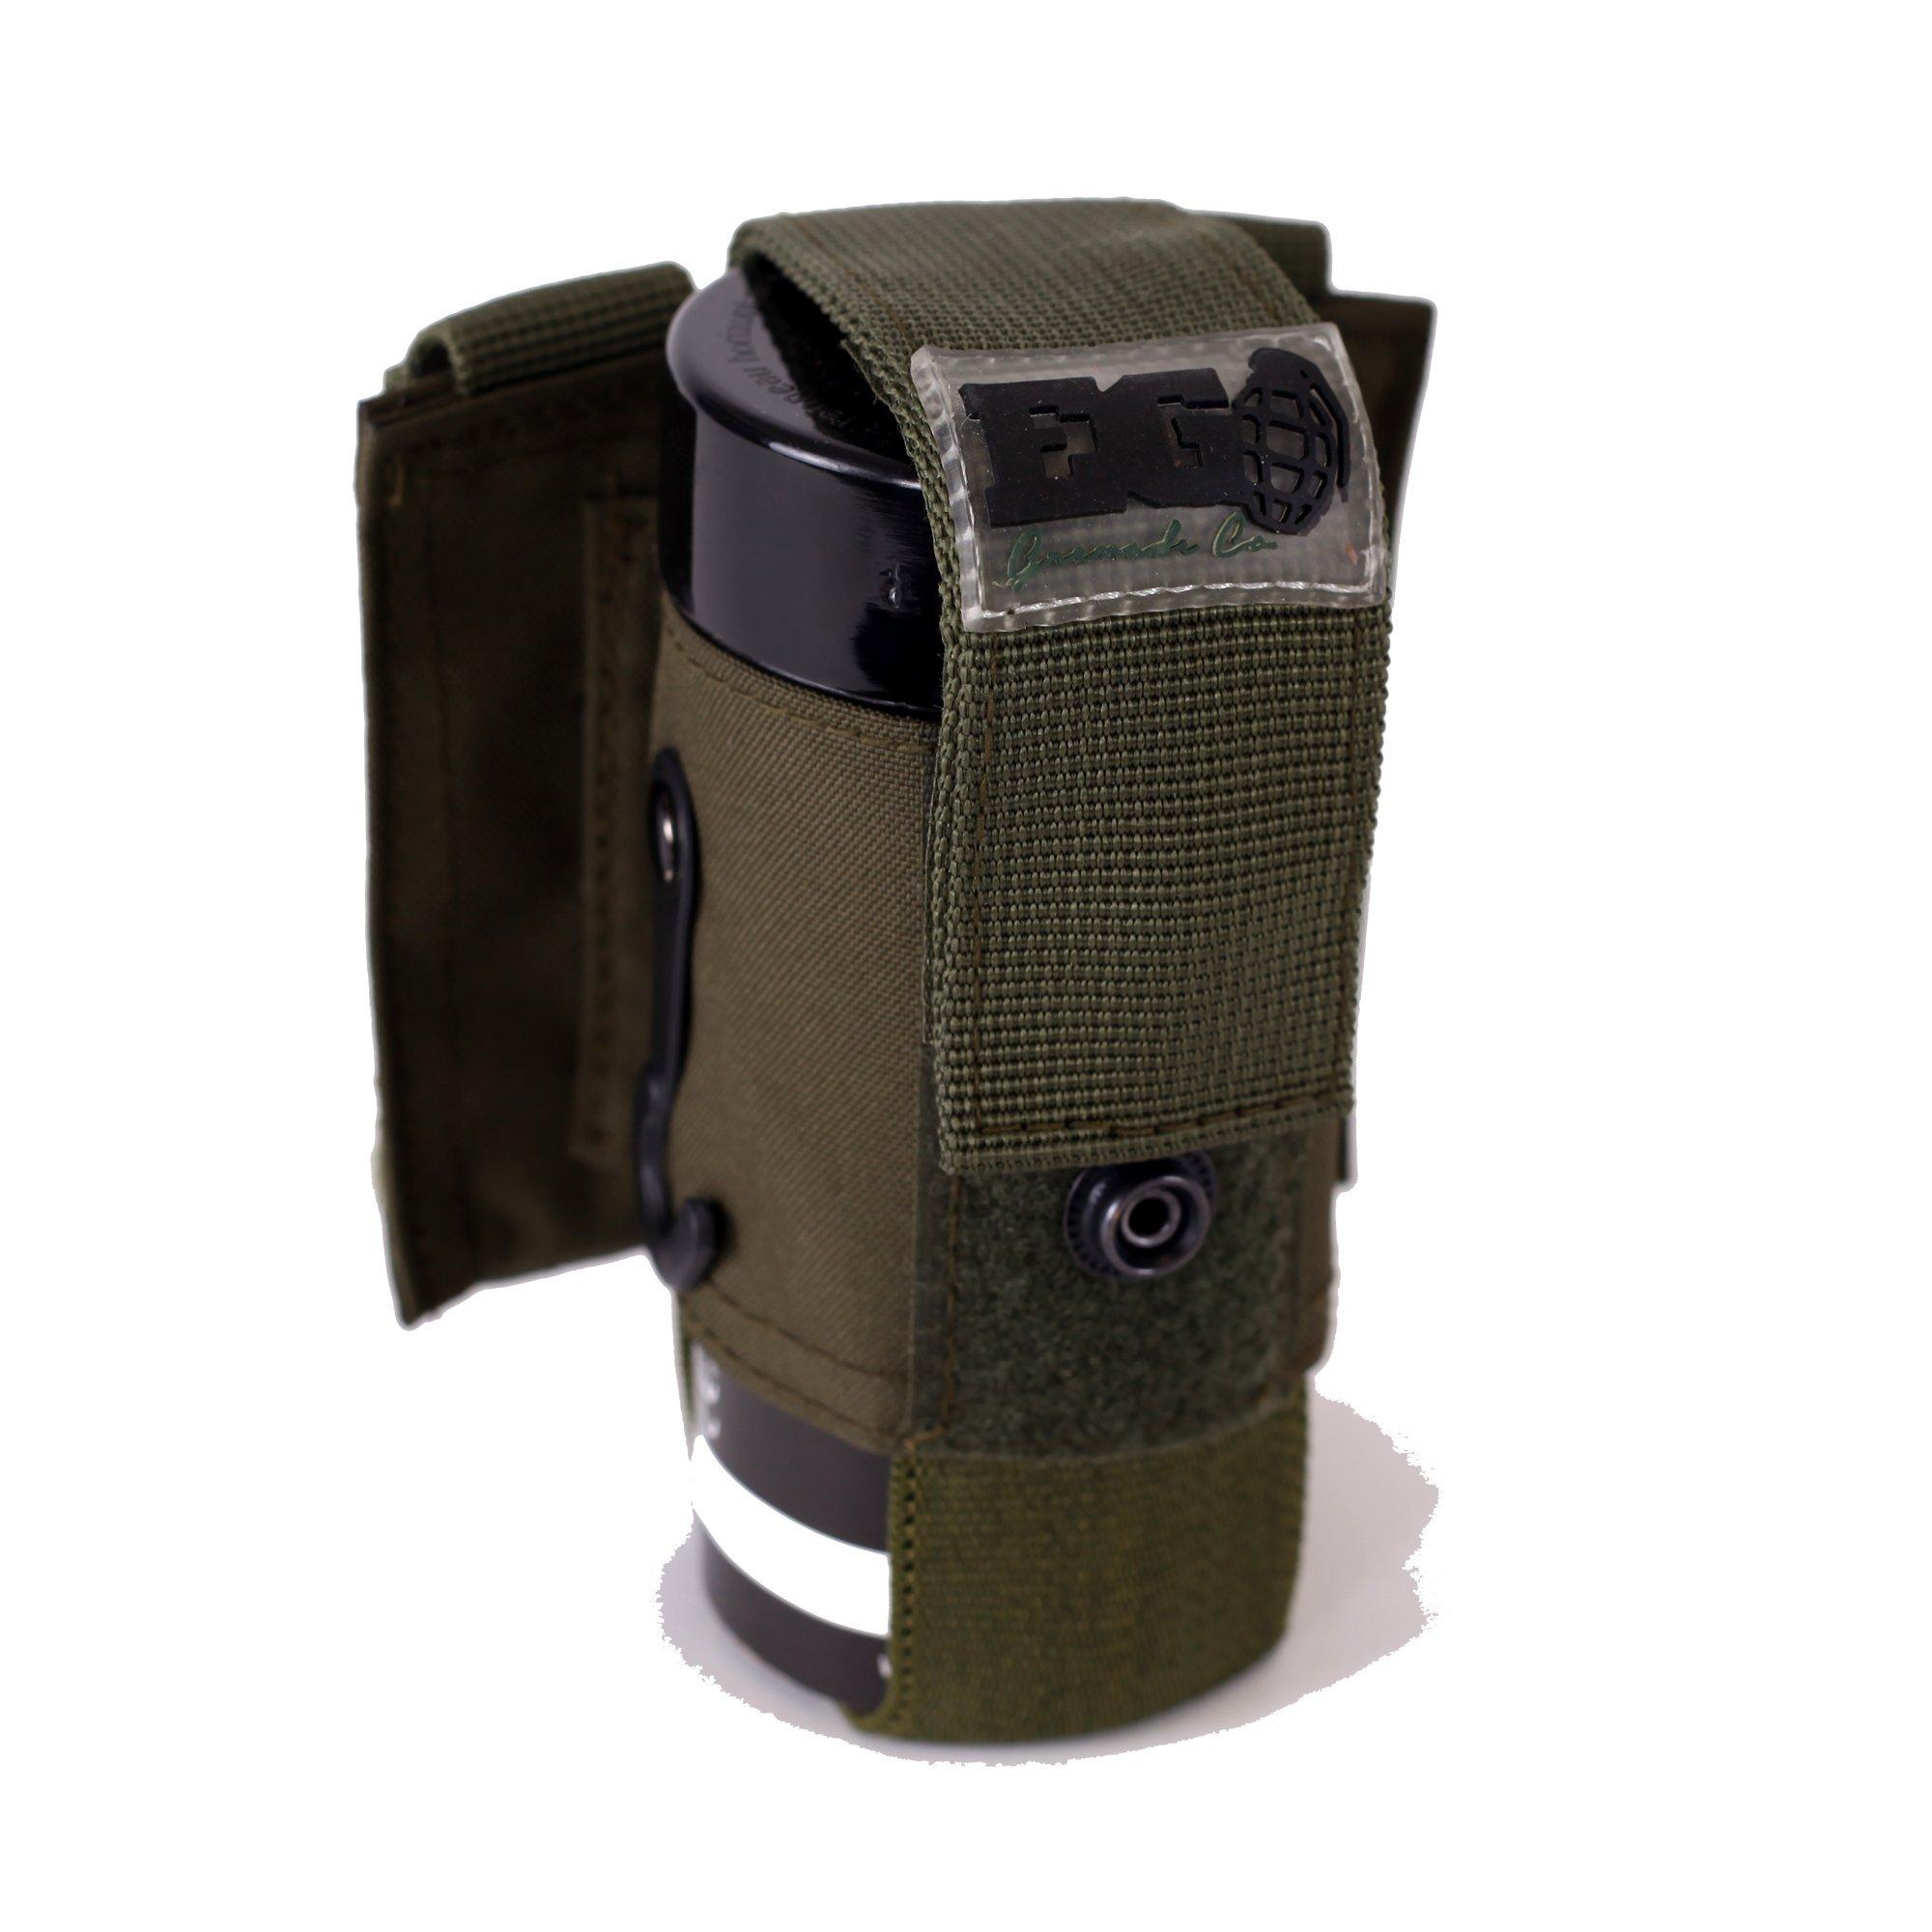 Enola Gaye EG18 Smoke Grenade Pouch 2015 - Olive